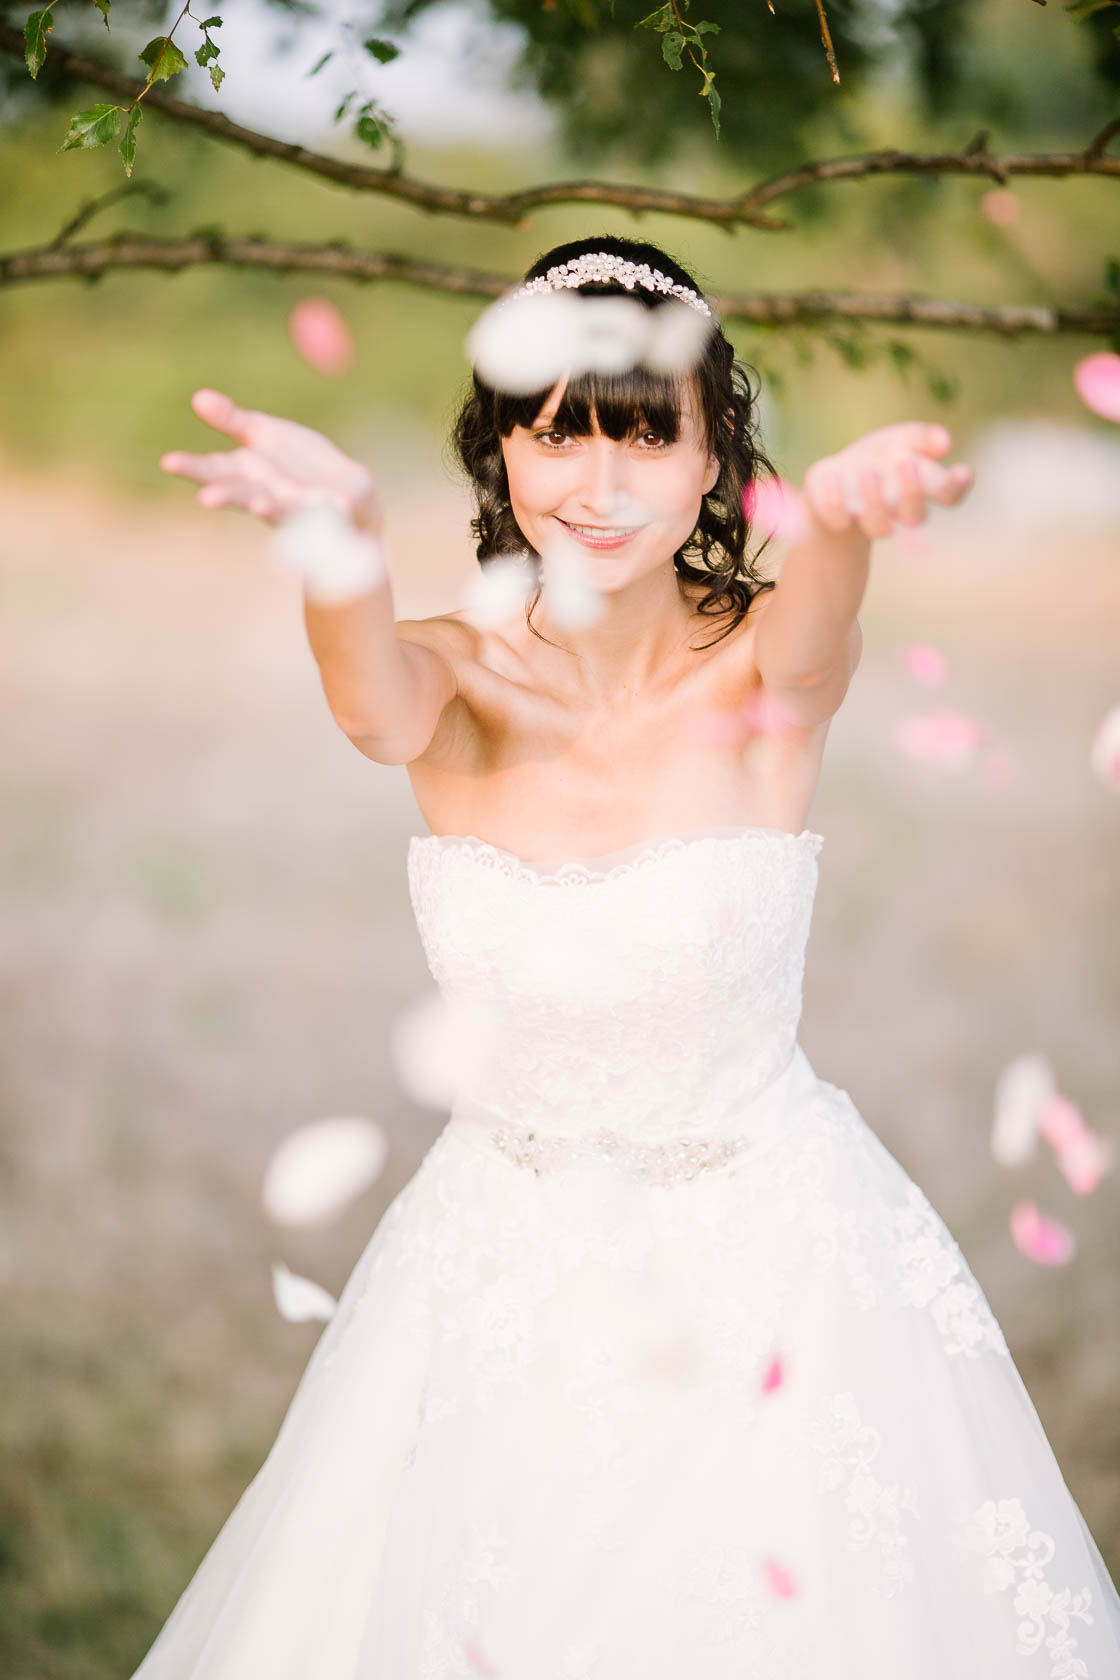 Styled Wedding Shoot Bridal Inspiration DIY und Pastell Brautportrait mit Rosenblättern